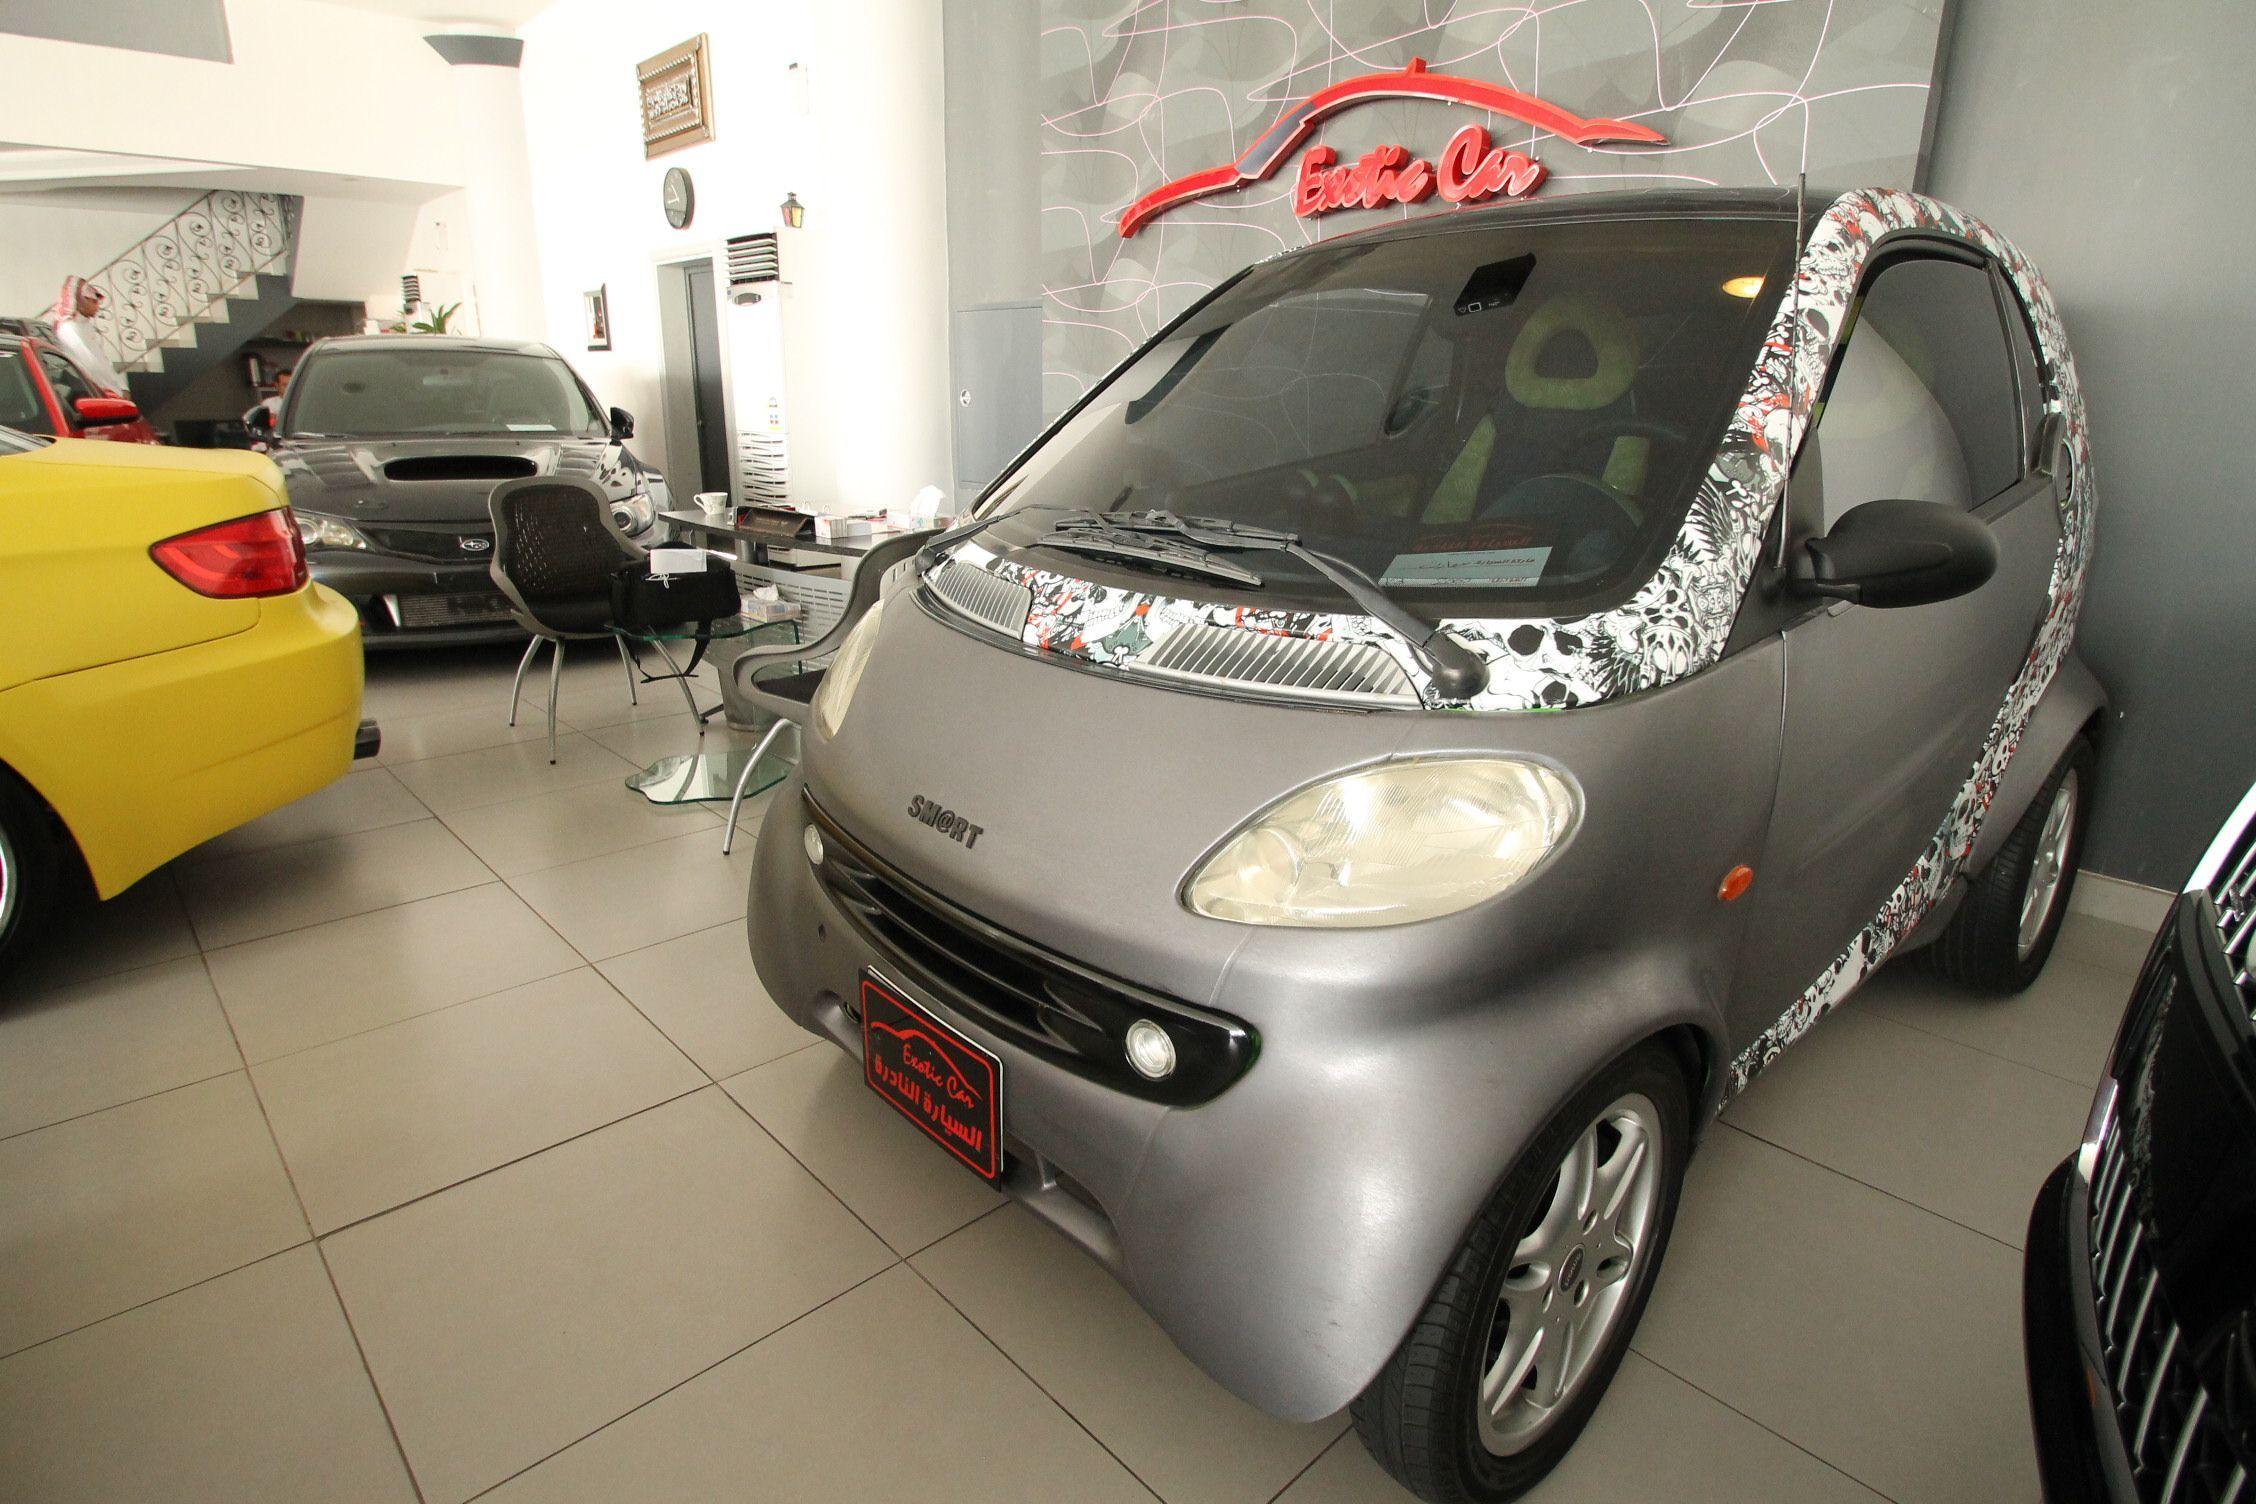 Smart Forfour For Sale In Jeddah Smart Forfour Used Cars Jeddah